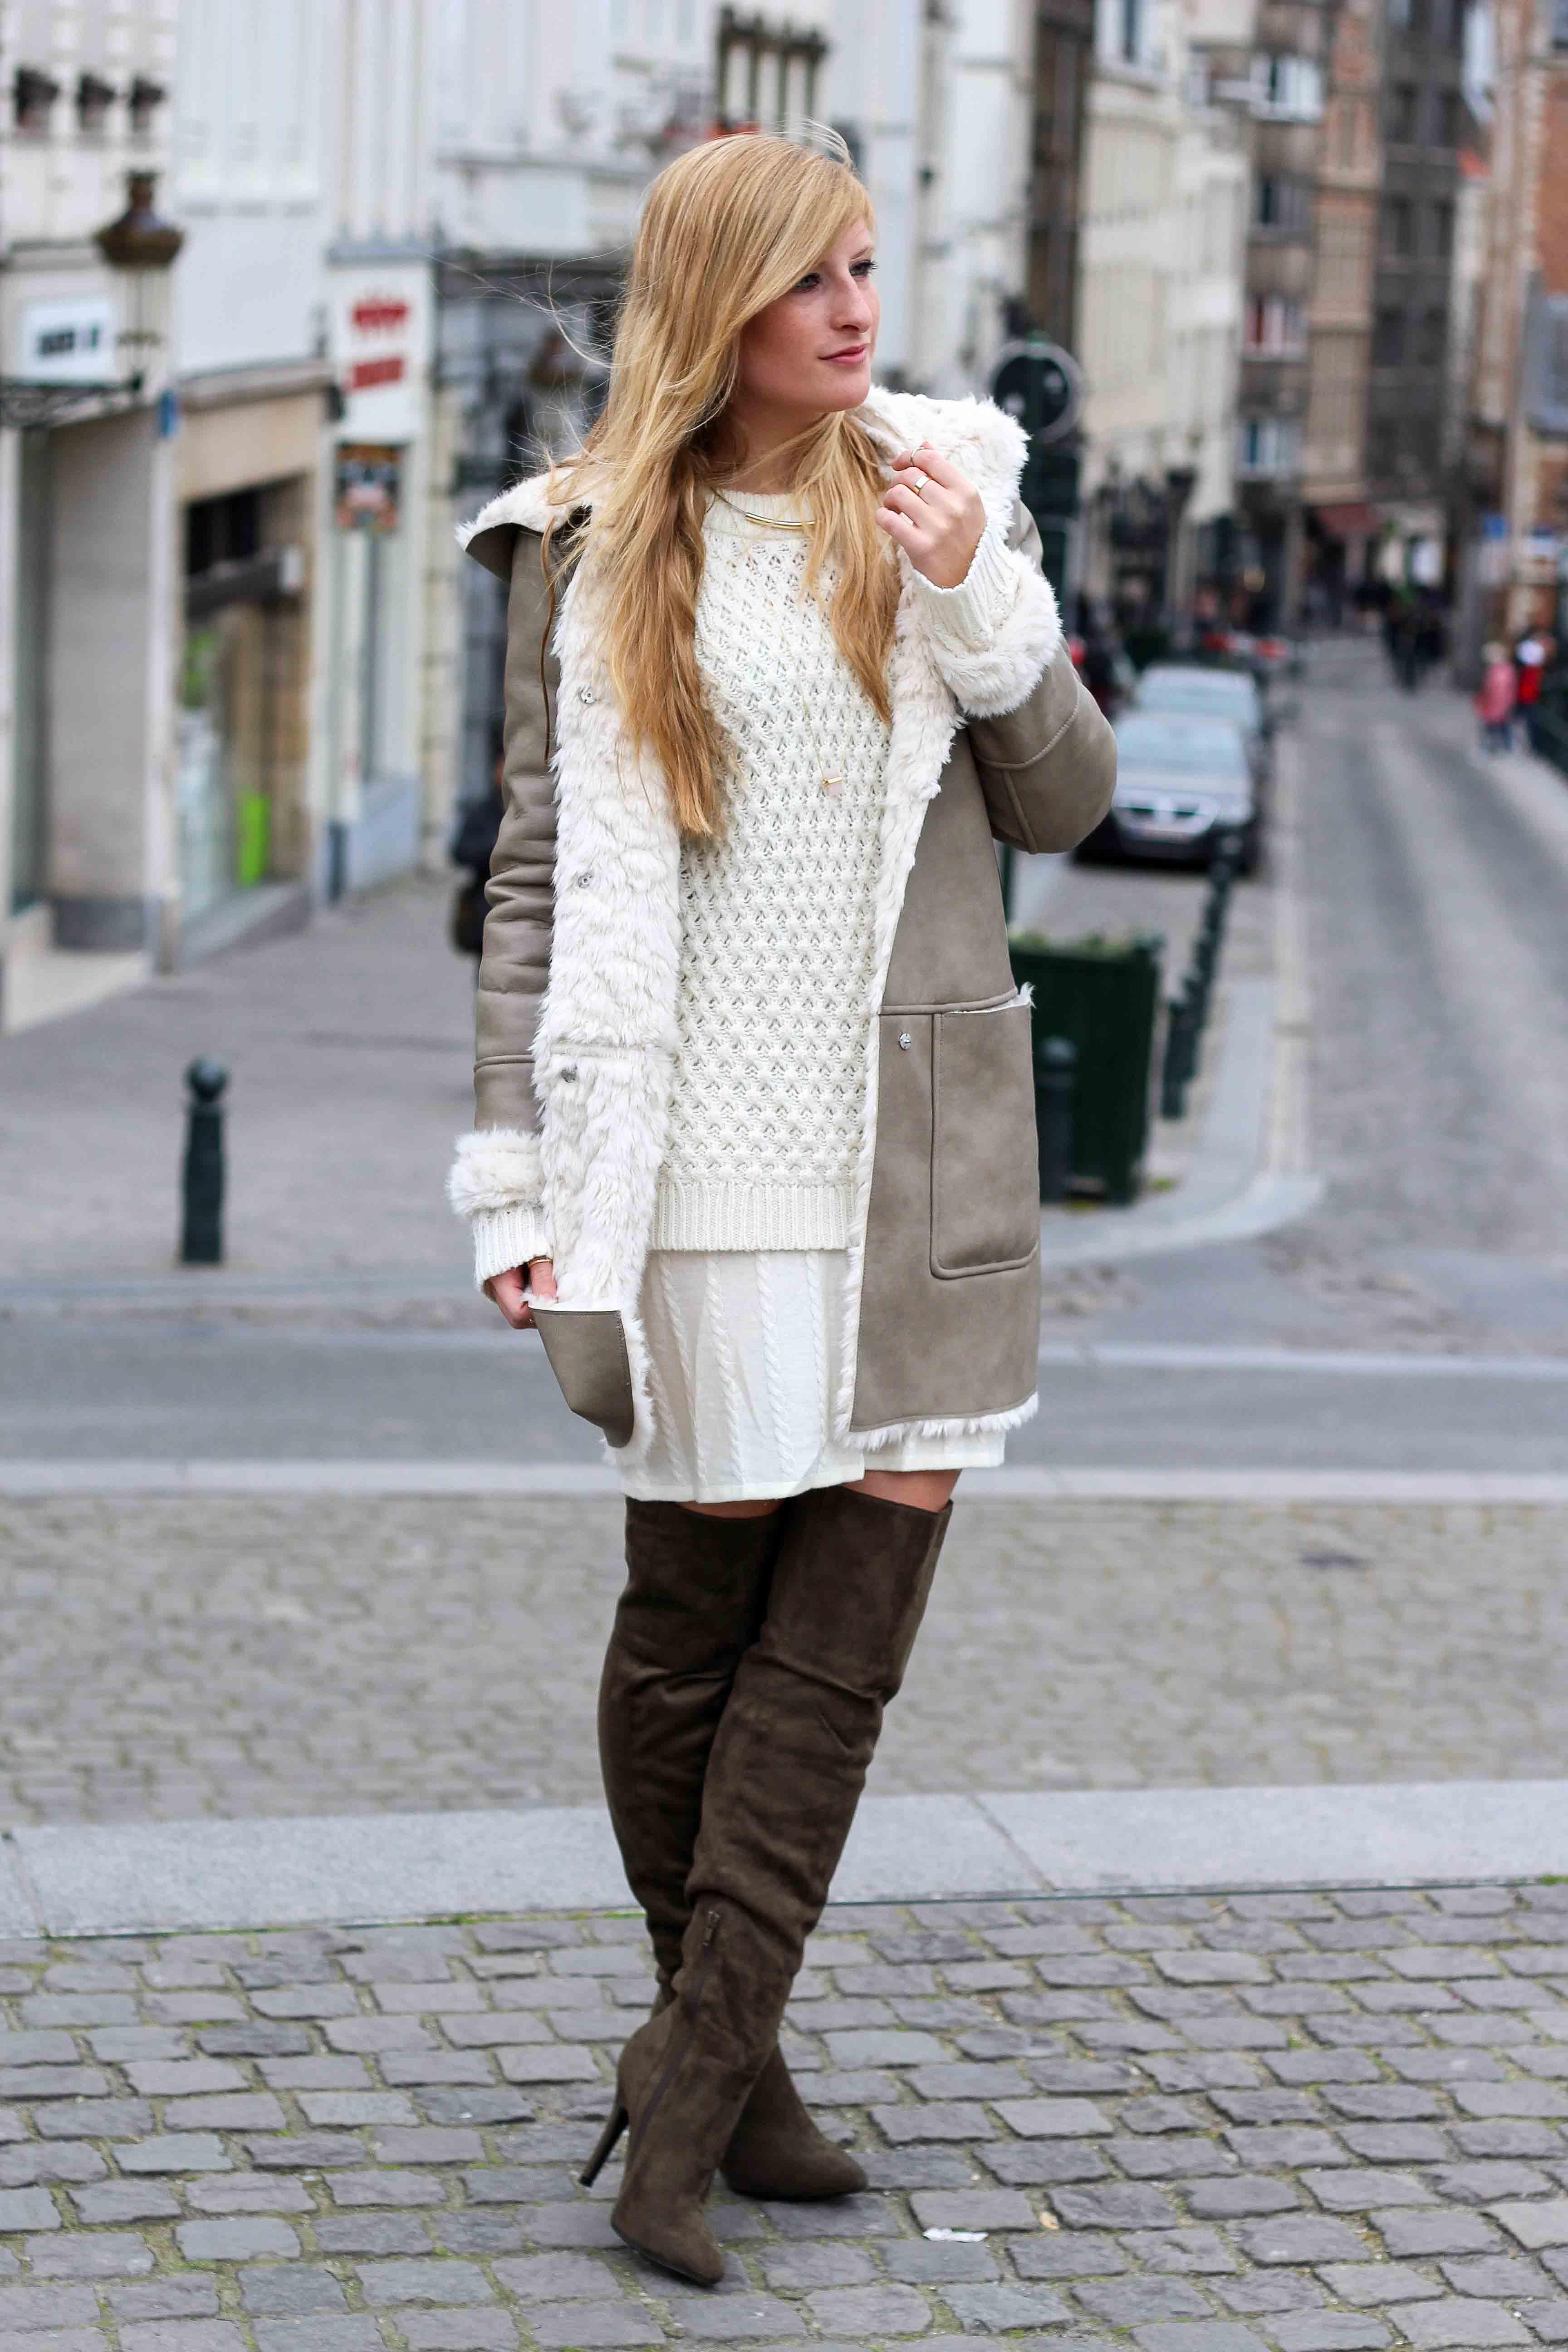 Grüne Overknees Zara Ledermantel Overknee Stiefel Nude Wollkleid Fashion Look Modeblog 8